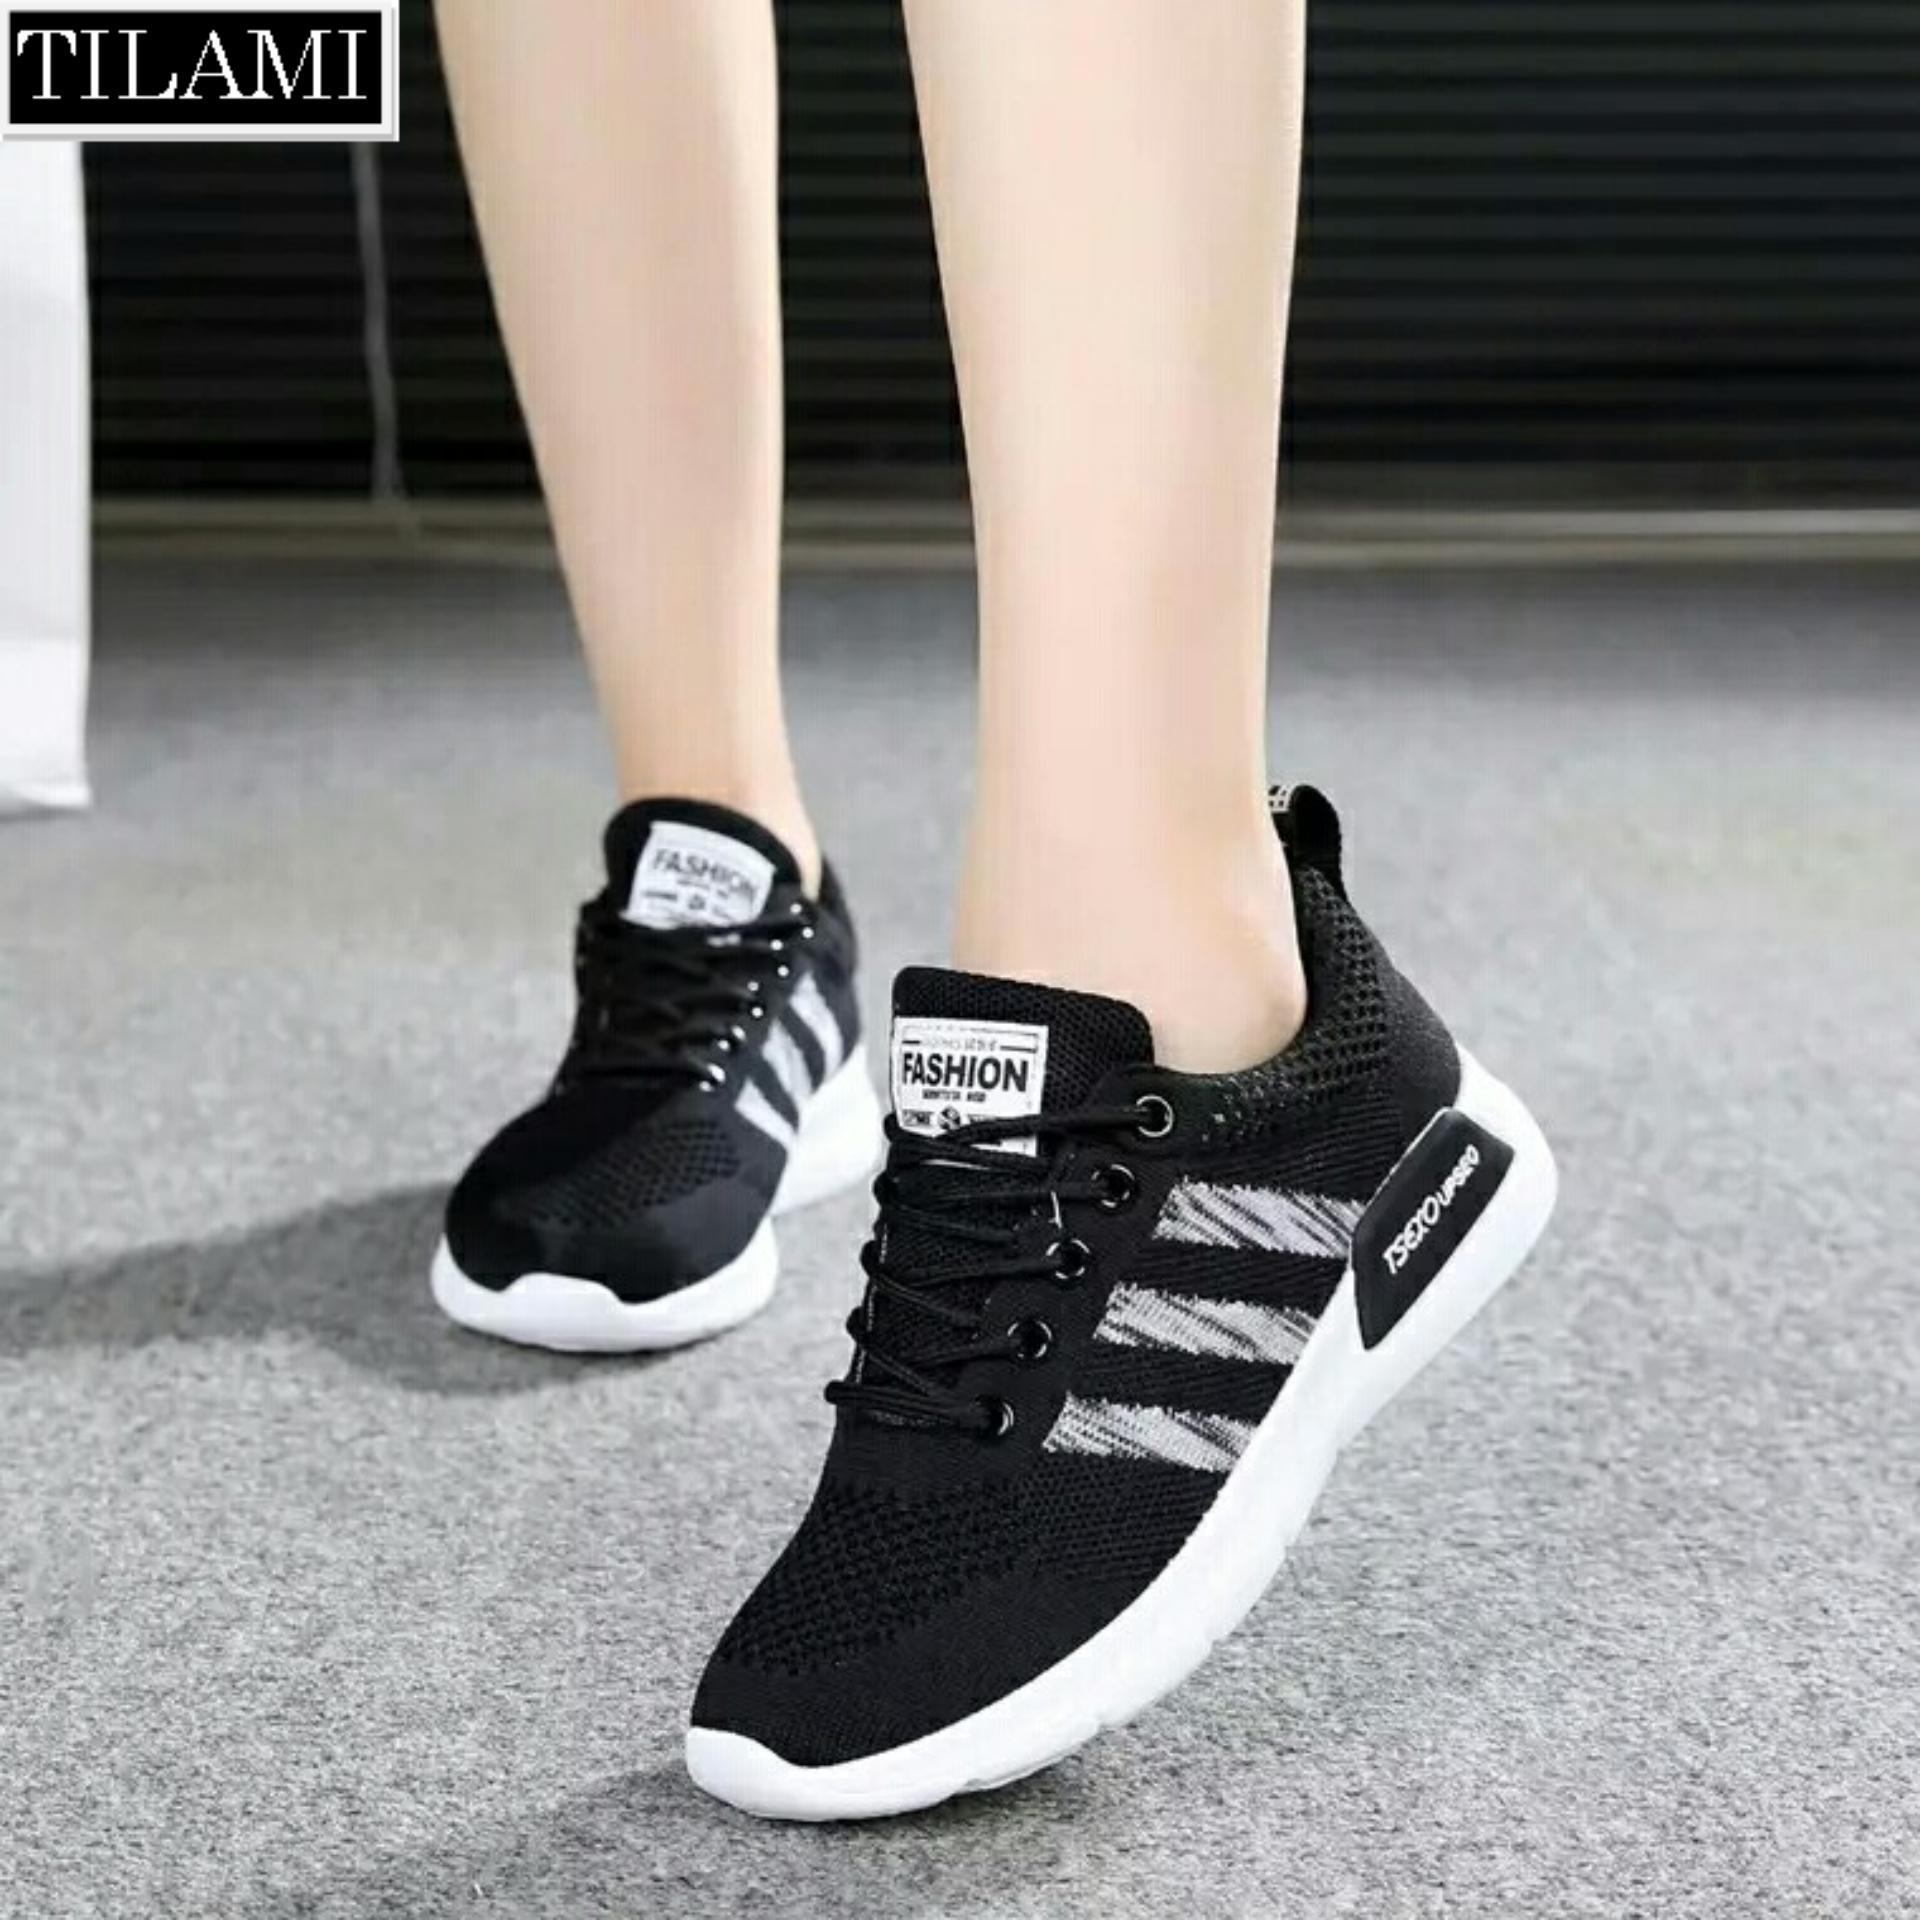 Giày Sneaker nữ sọc chéo Tilami - 3SC01 (đen, đen sọc đỏ)